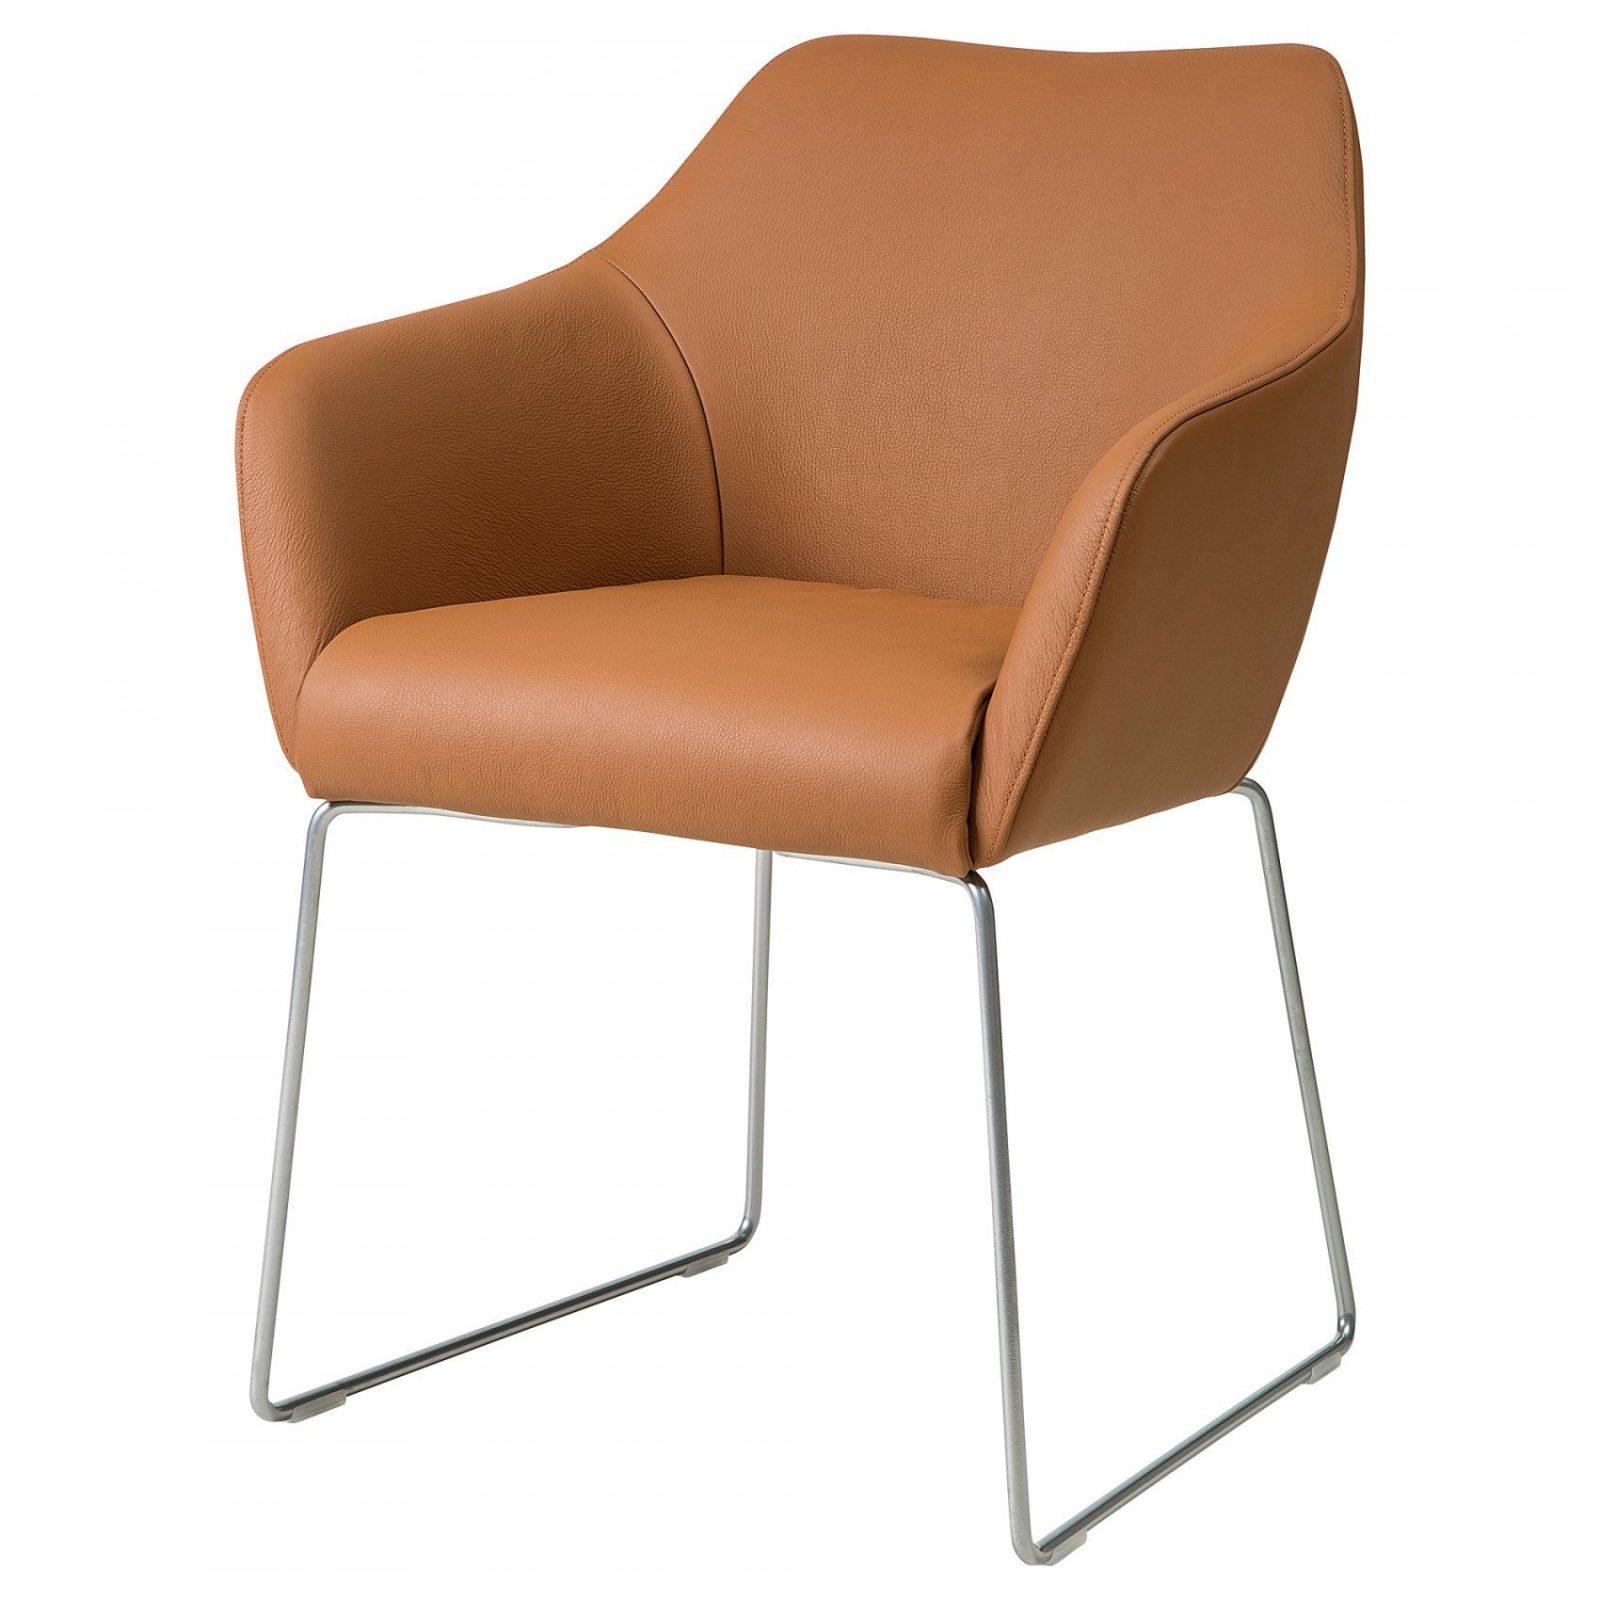 Esszimmer Erregend Roller Stuhle Esszimmer Design Aufregend Von Ikea